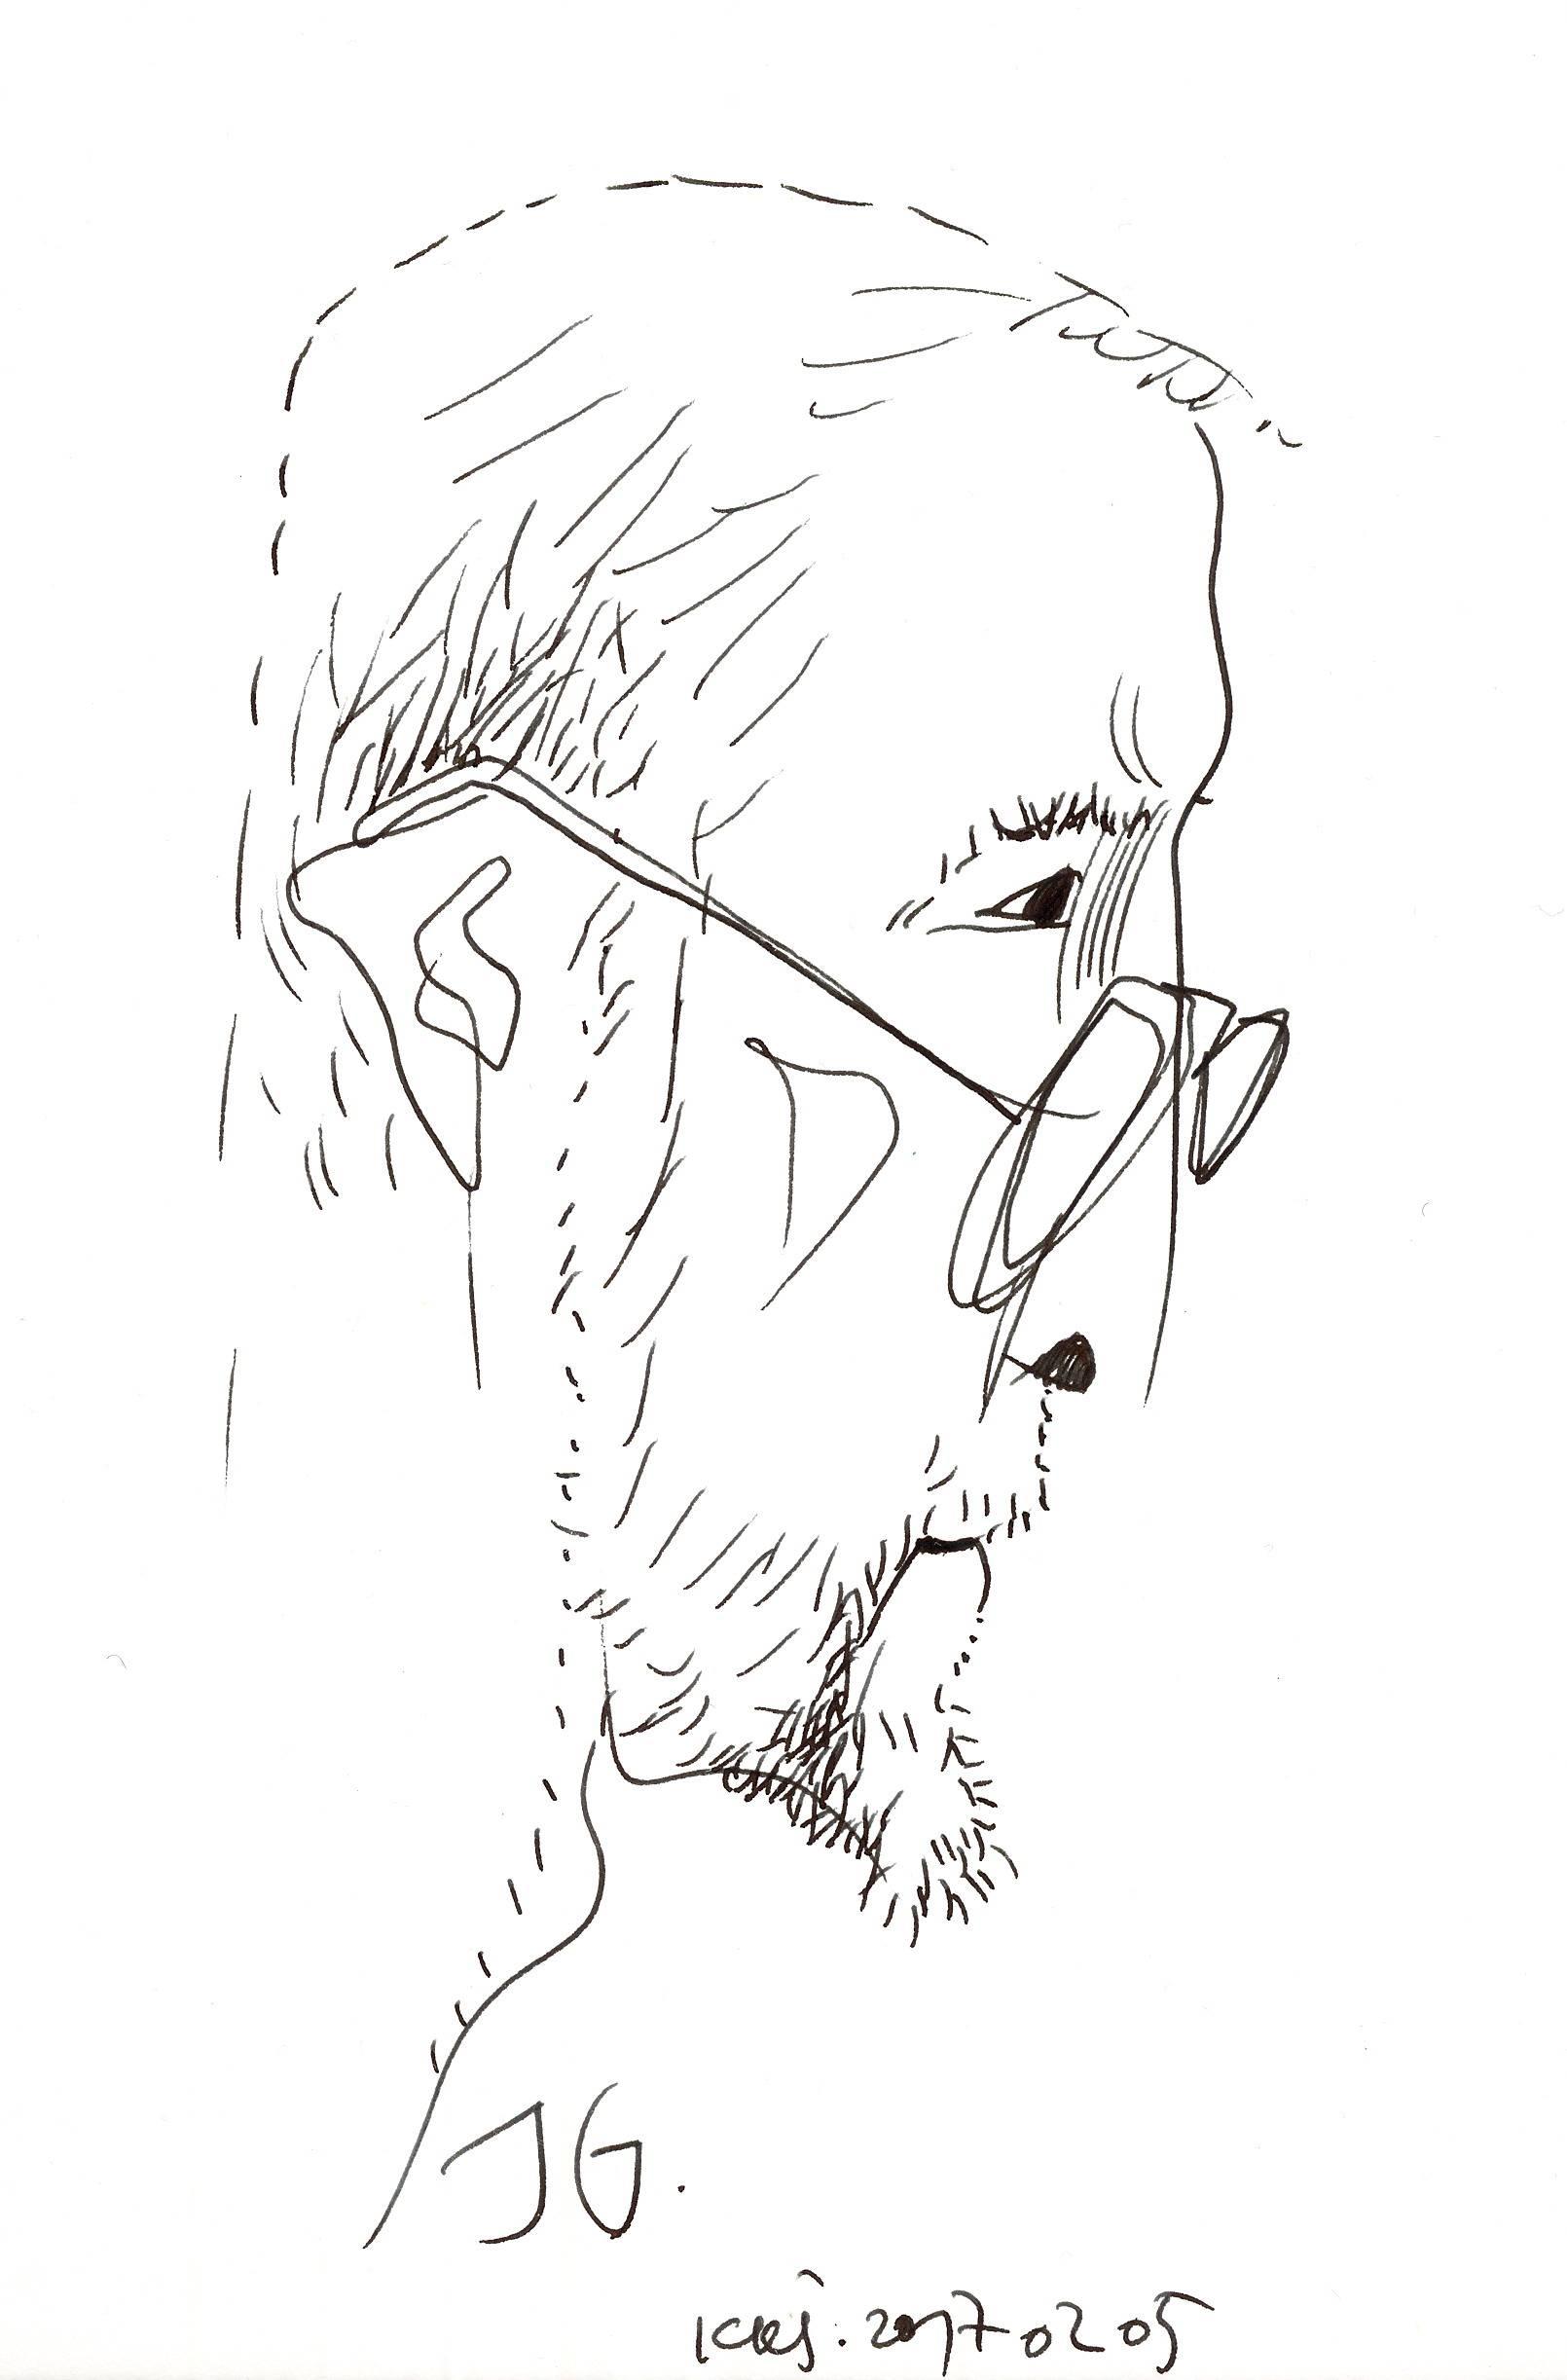 Jurgis Gimberis, Kazio Kęstučio Šiaulyčio piešinys